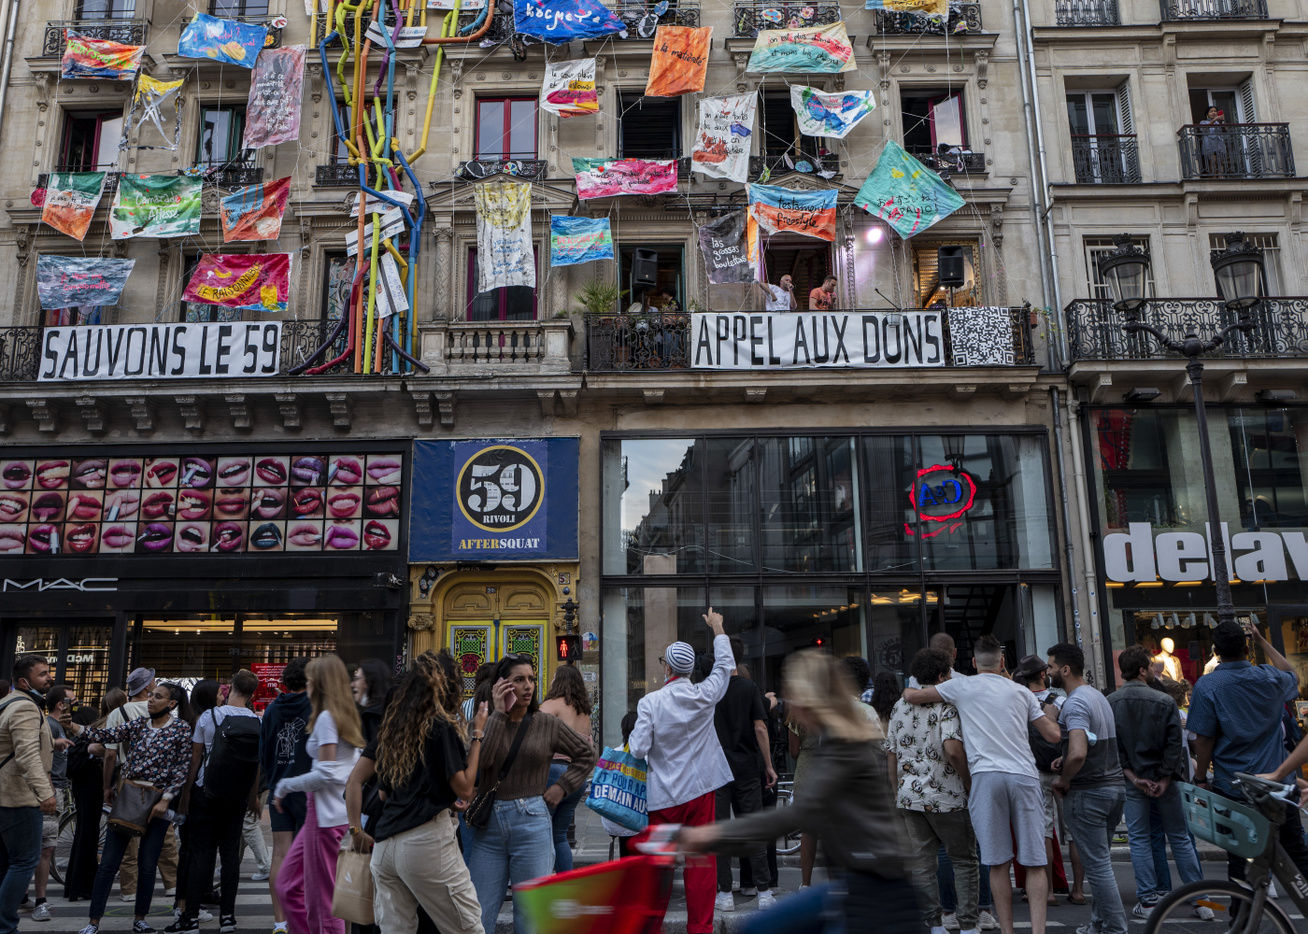 59 Rivoli Párizs